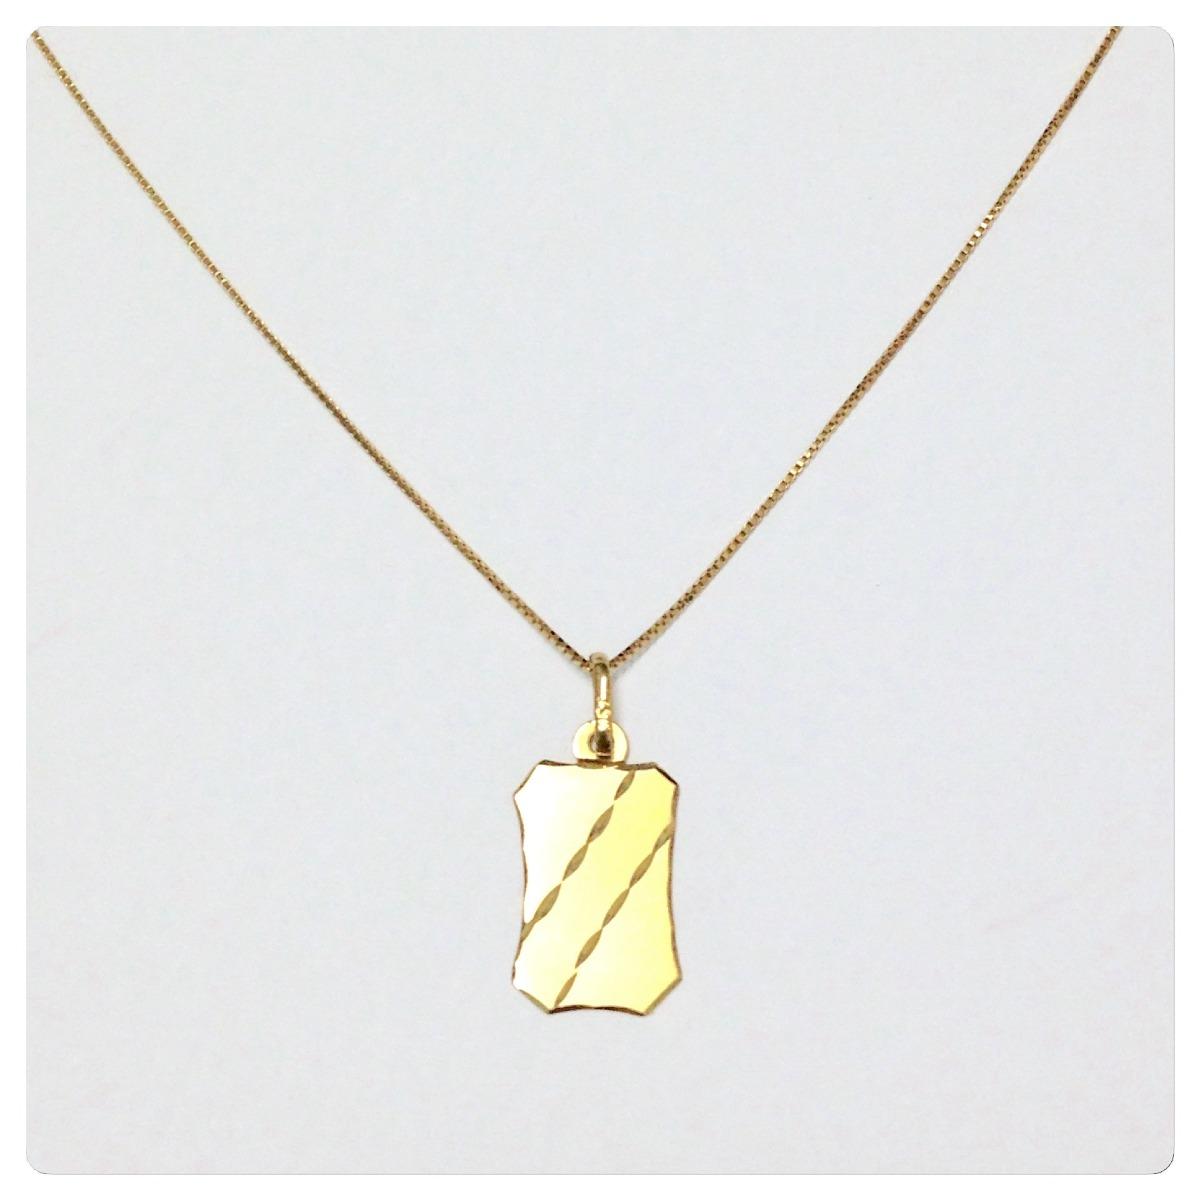 corrente masculina de 60 cm e pingente placa joia ouro 18k. Carregando zoom. 30d121e72c